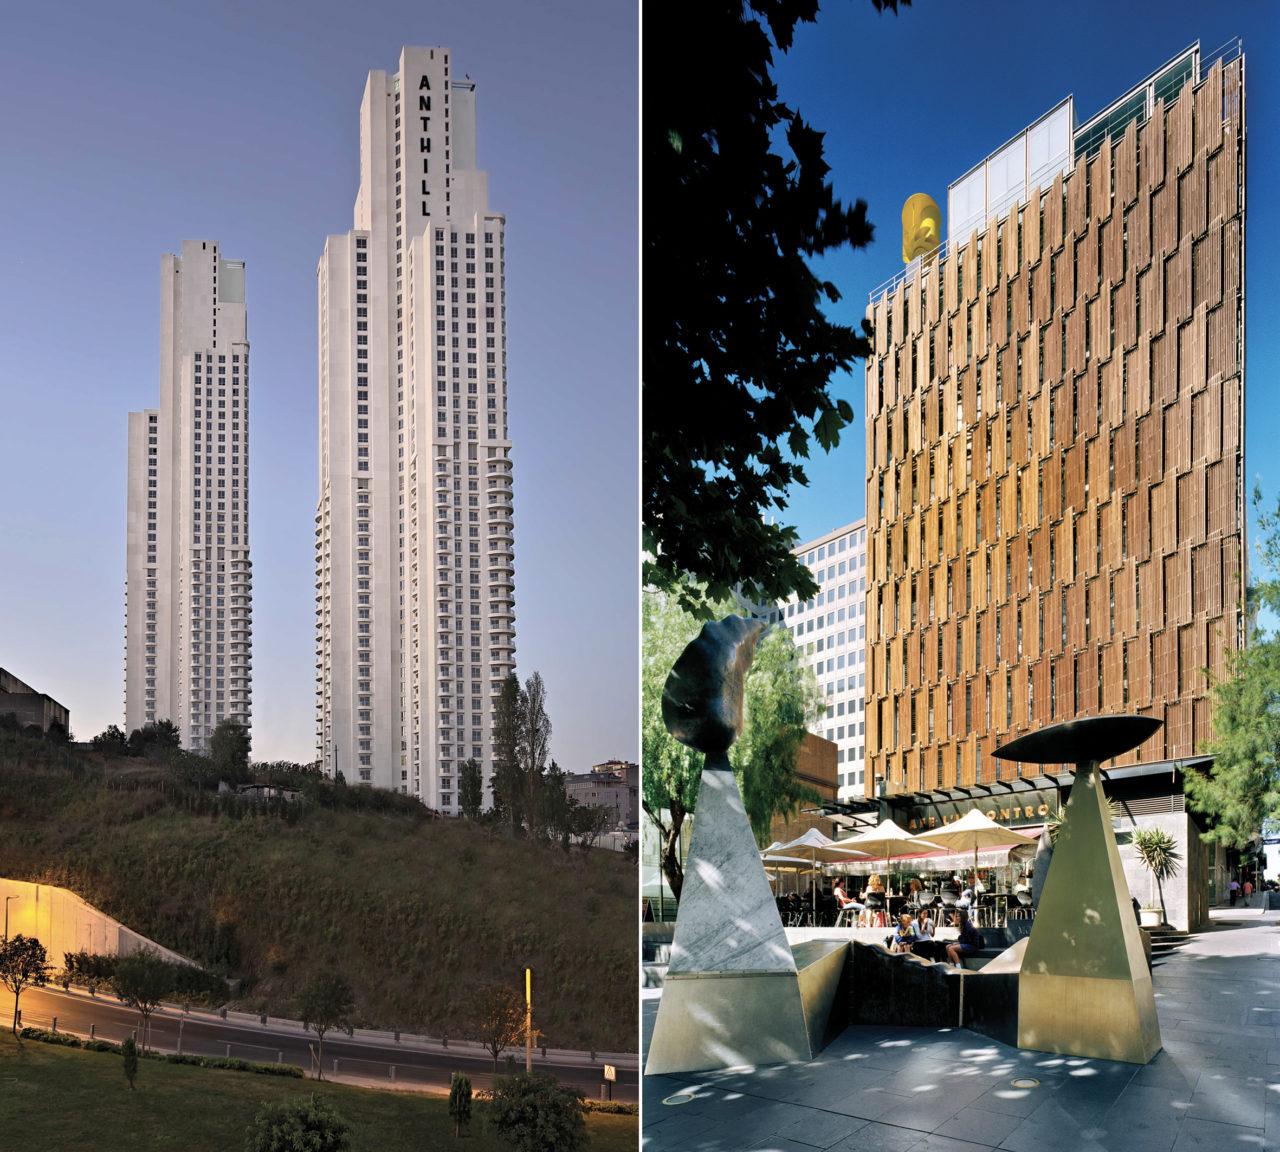 Anthill, Türkiye'nin ilk BREEAM yeşil bina sertifikalı rezidans projesi. Avustralya'daki Council House 2 , dünyadaki yeşil bina örneklerine ilham veren bir proje.